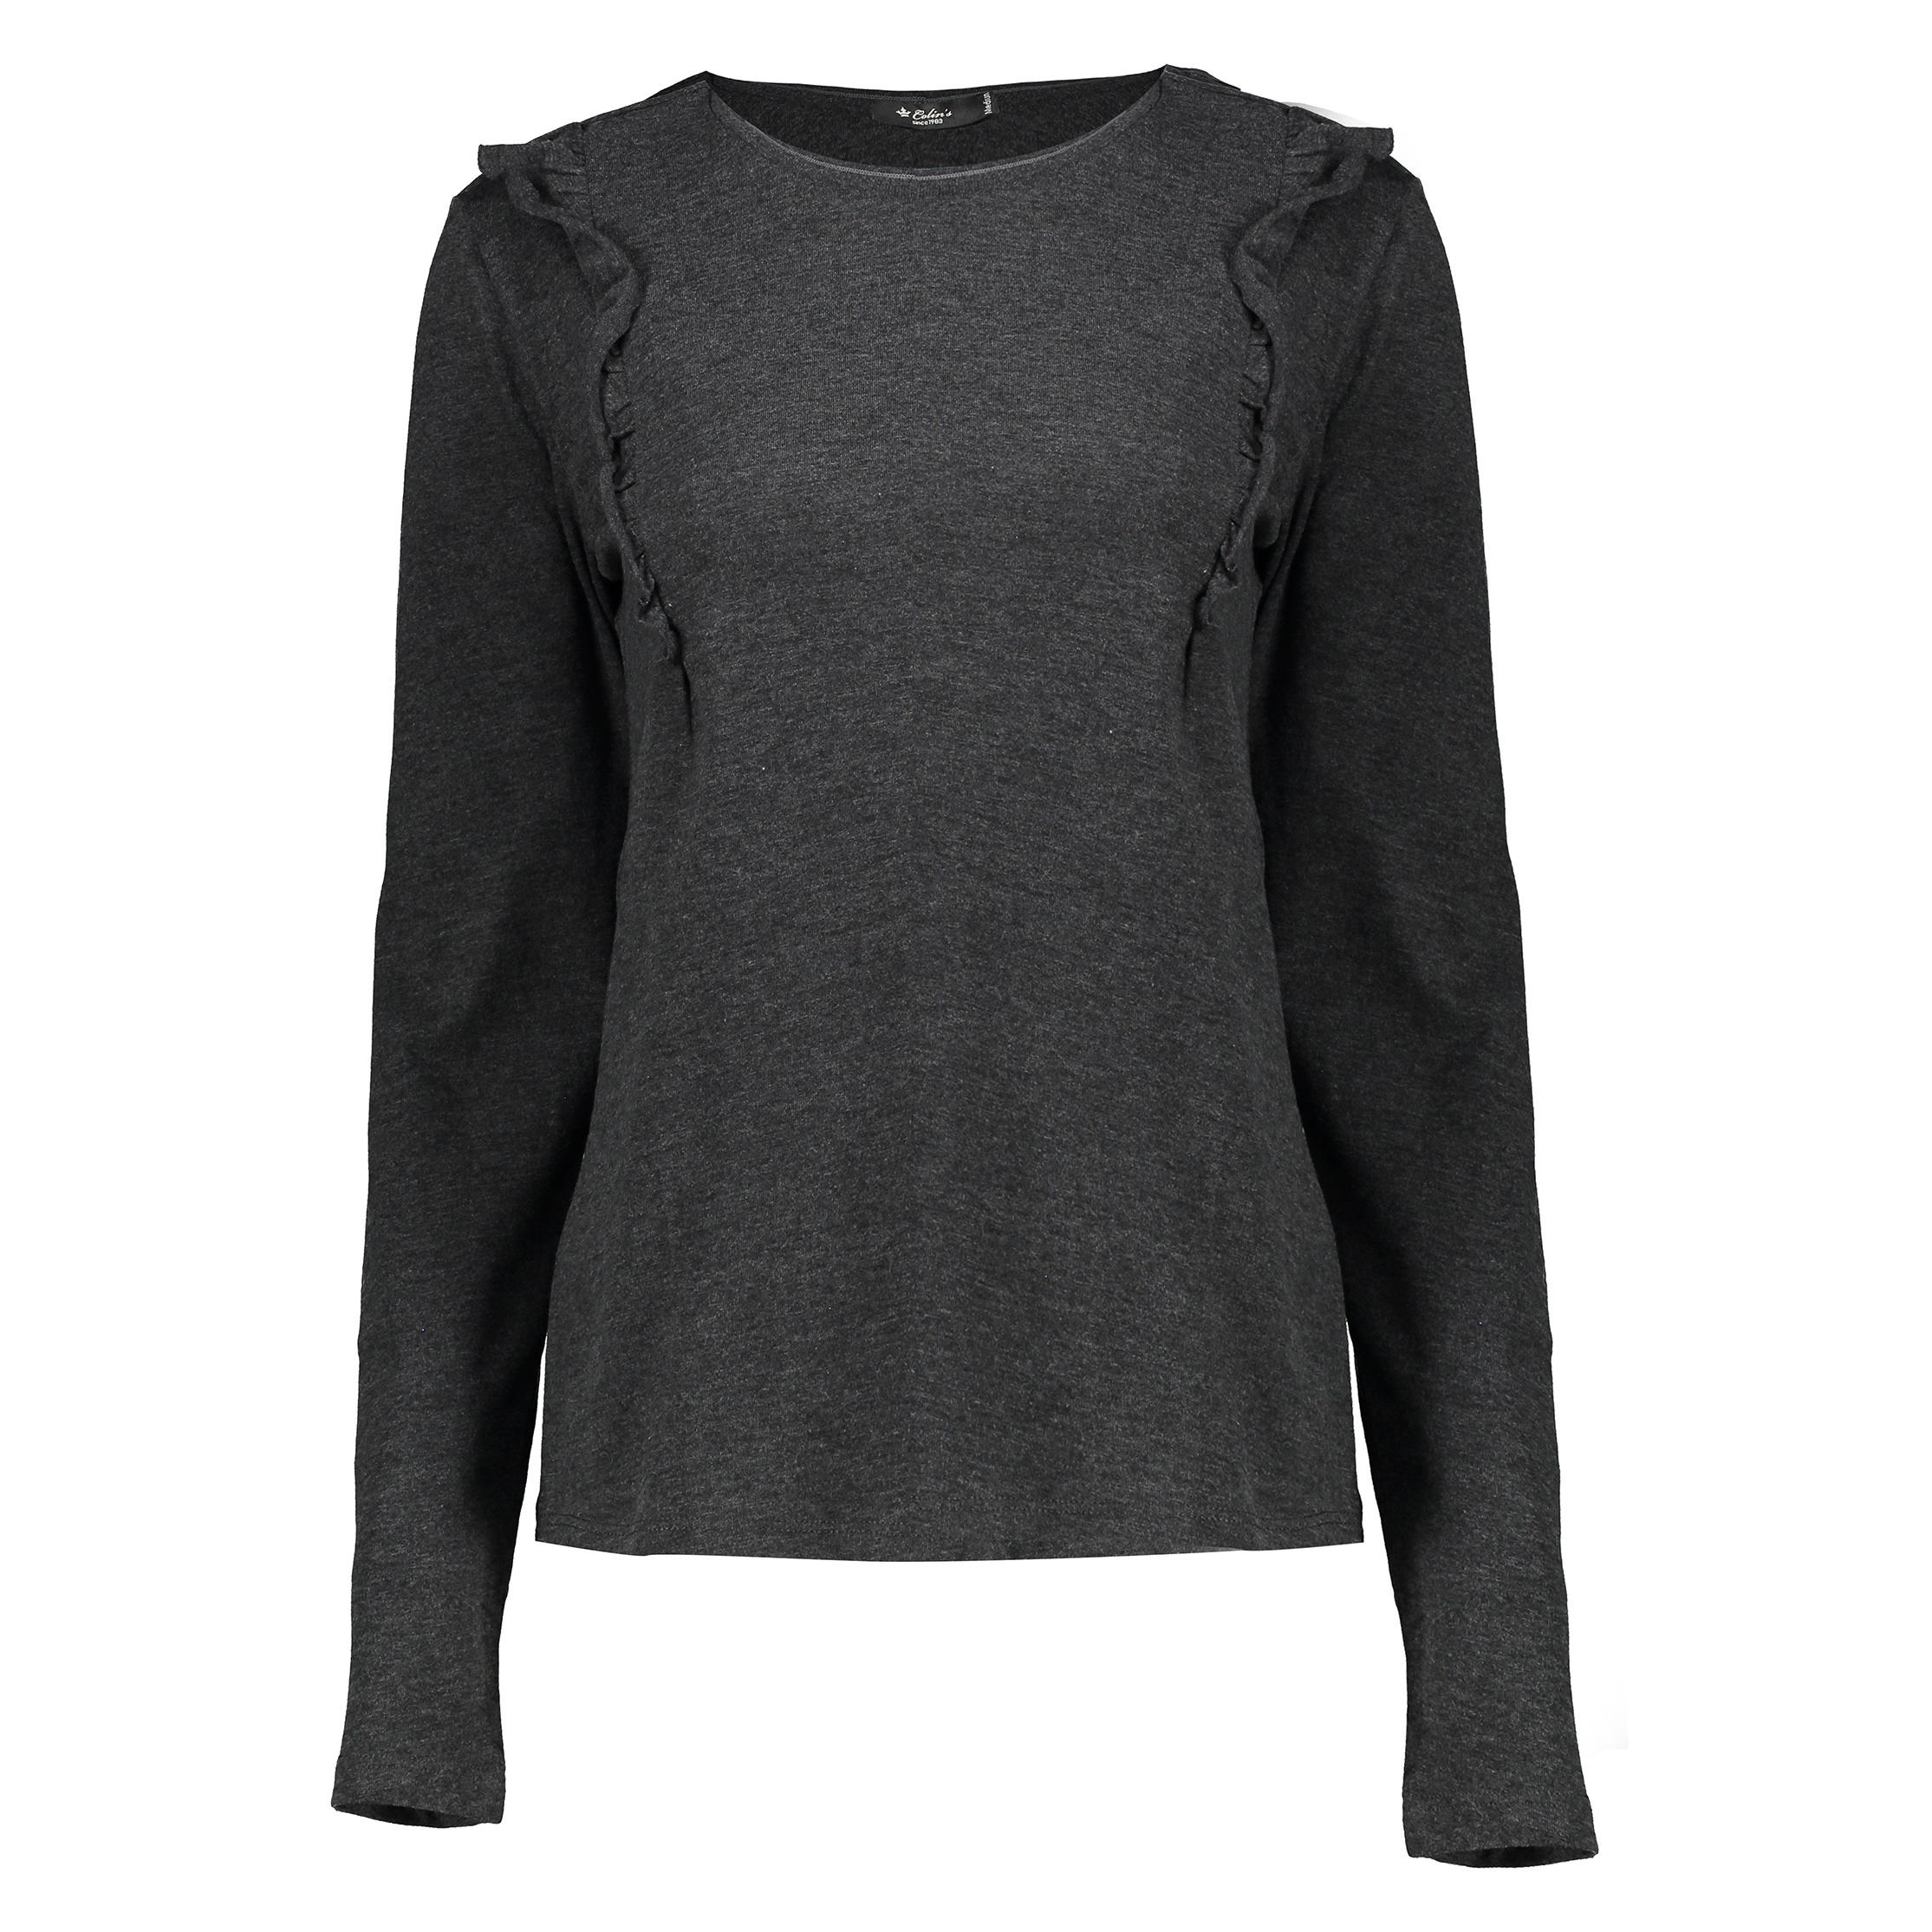 تی شرت زنانه کالینز مدل CL1030114-ANTHRACITE MELANGE